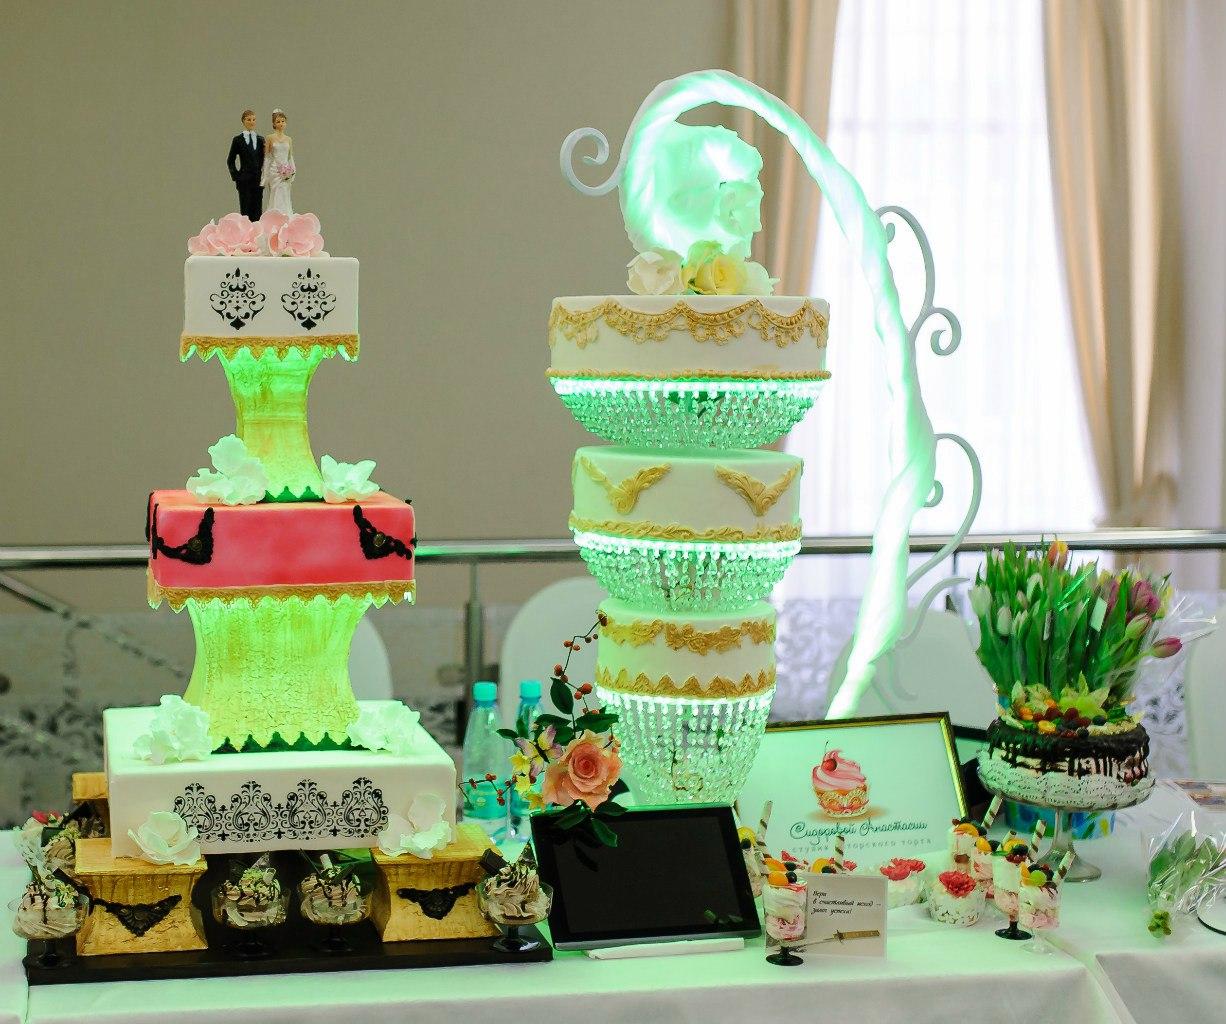 Студия авторского торта Сидоровой Анастасии в Челябинске